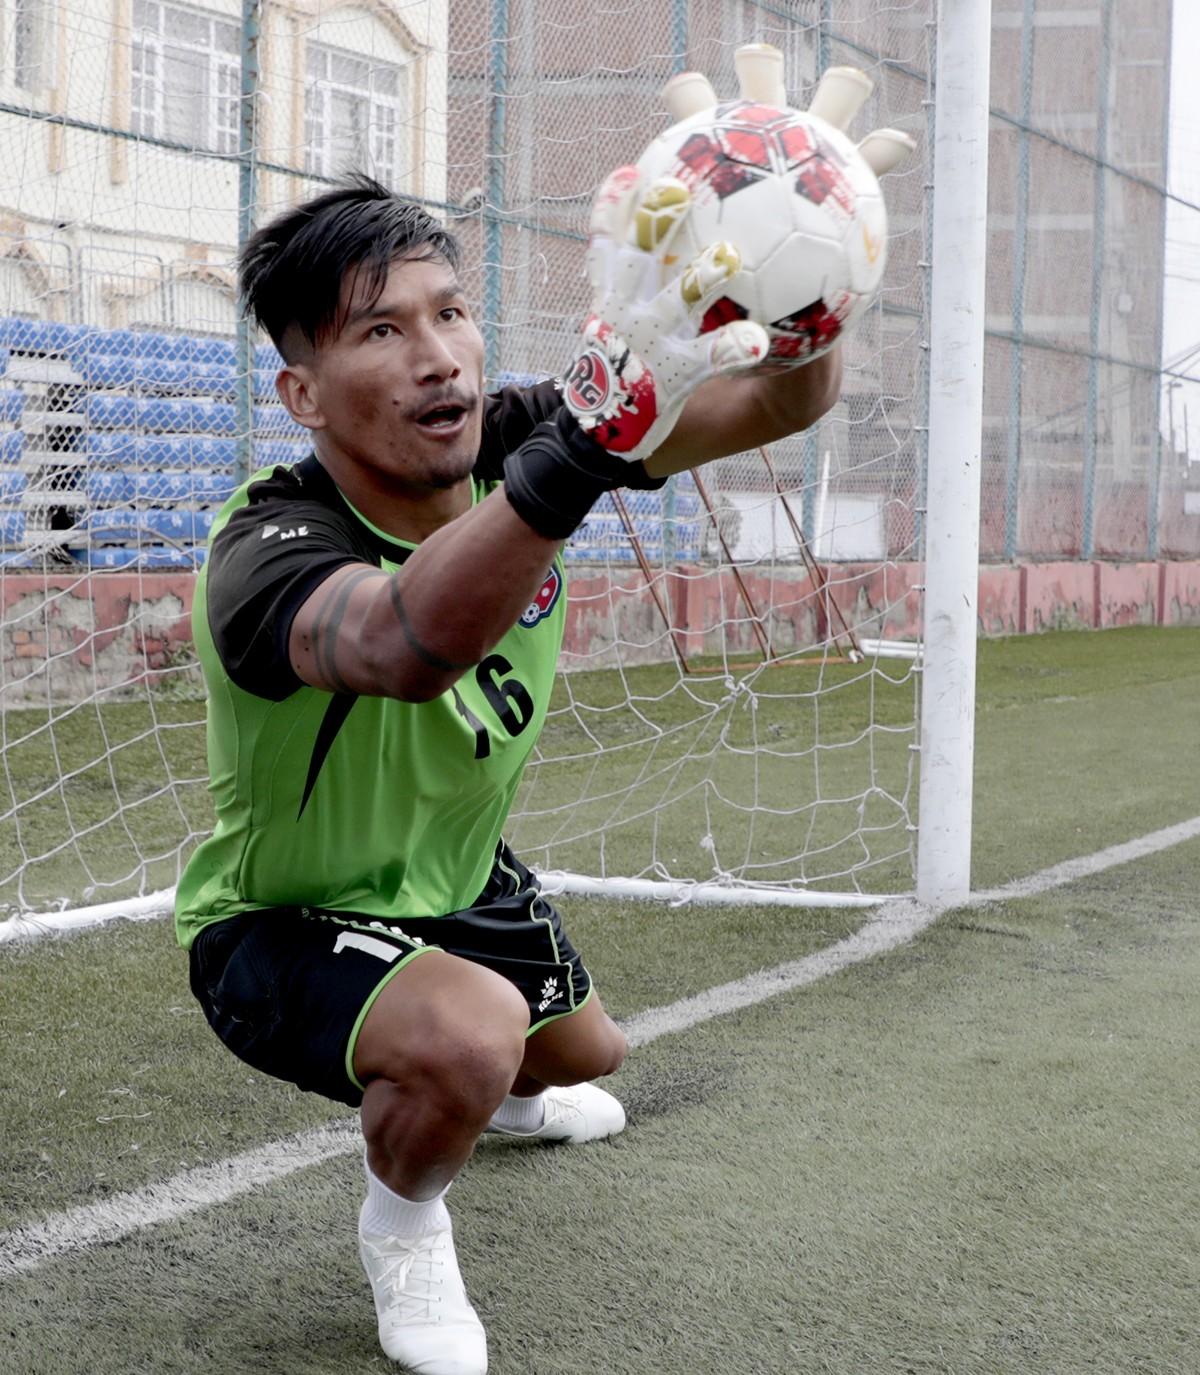 नेपाली कप्तान किरण चुनिए साताको उत्कृष्ट एसियाली खेलाडी